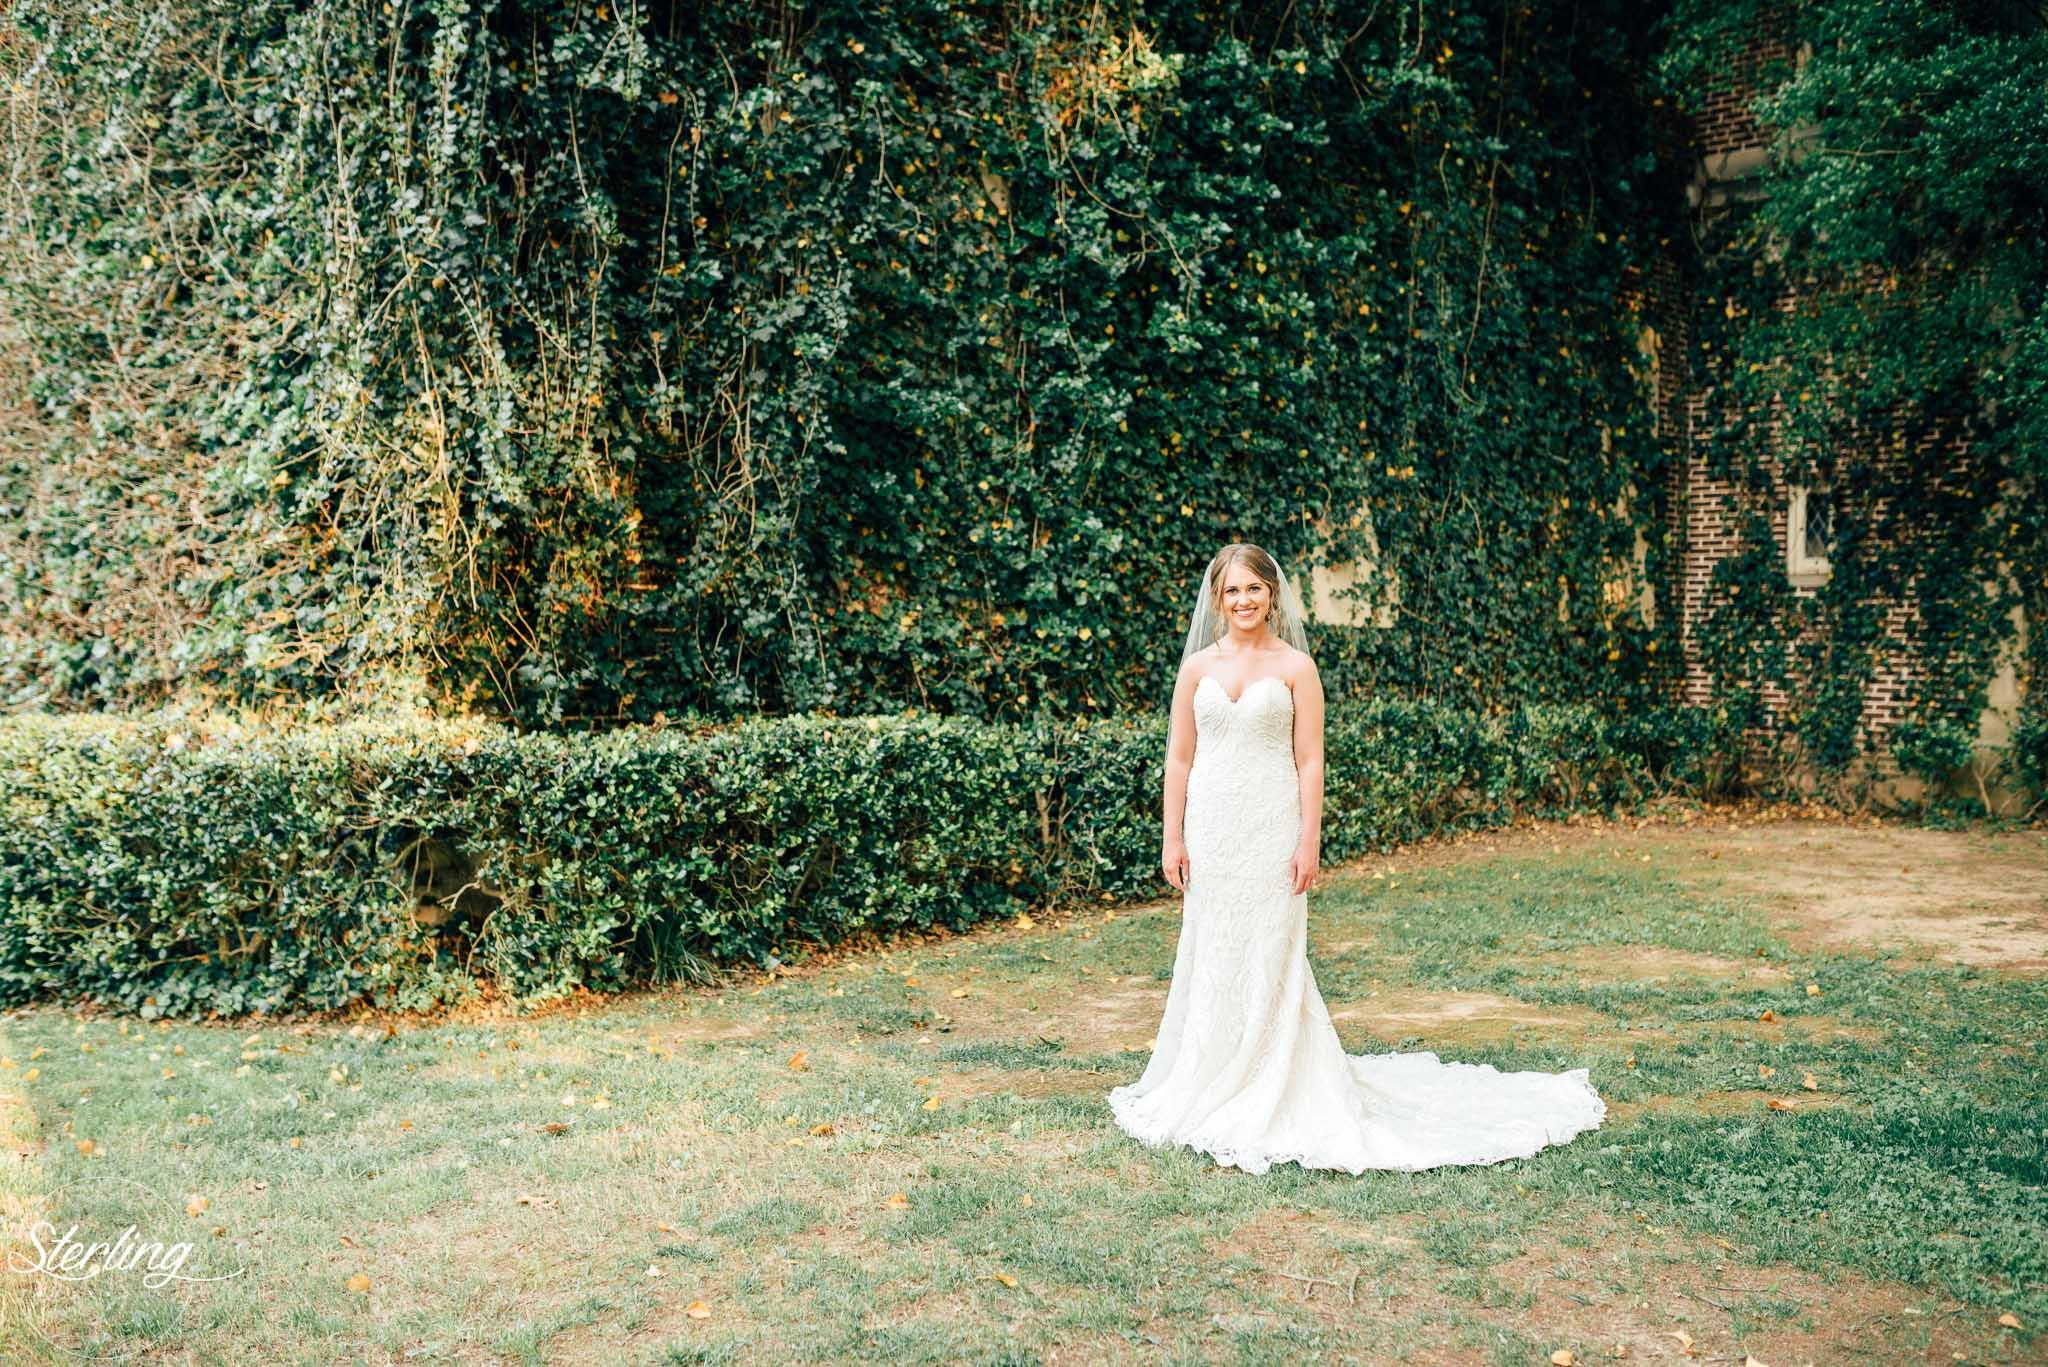 Savannah_bridals18_(i)-54